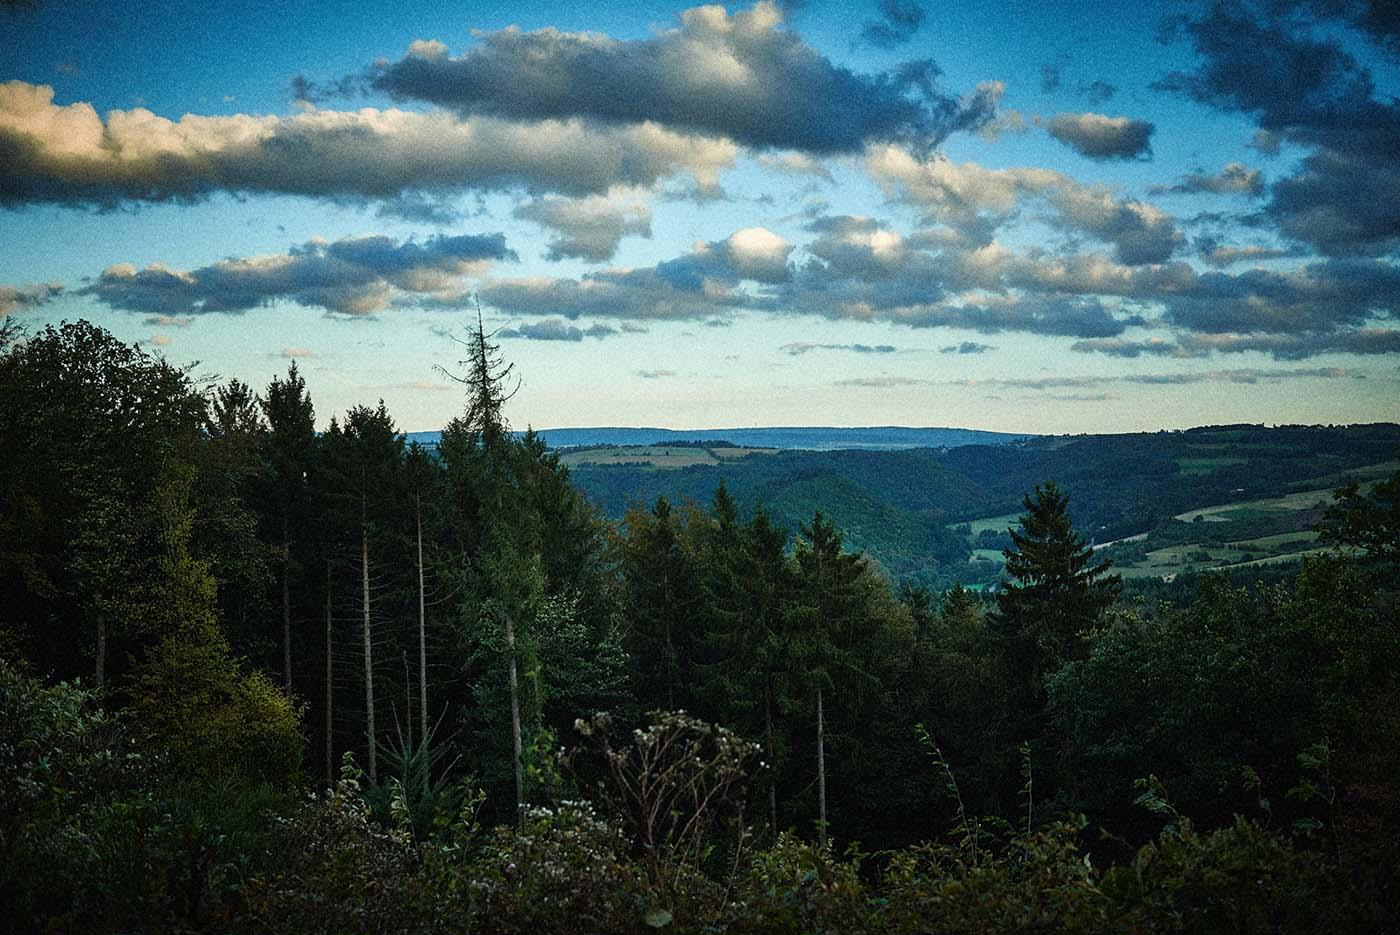 Landschaft in der Dämmerng - Jagd-Reportage mit Sternekoch Harald und Maximilian Rüssel Fotos: neon fotografie